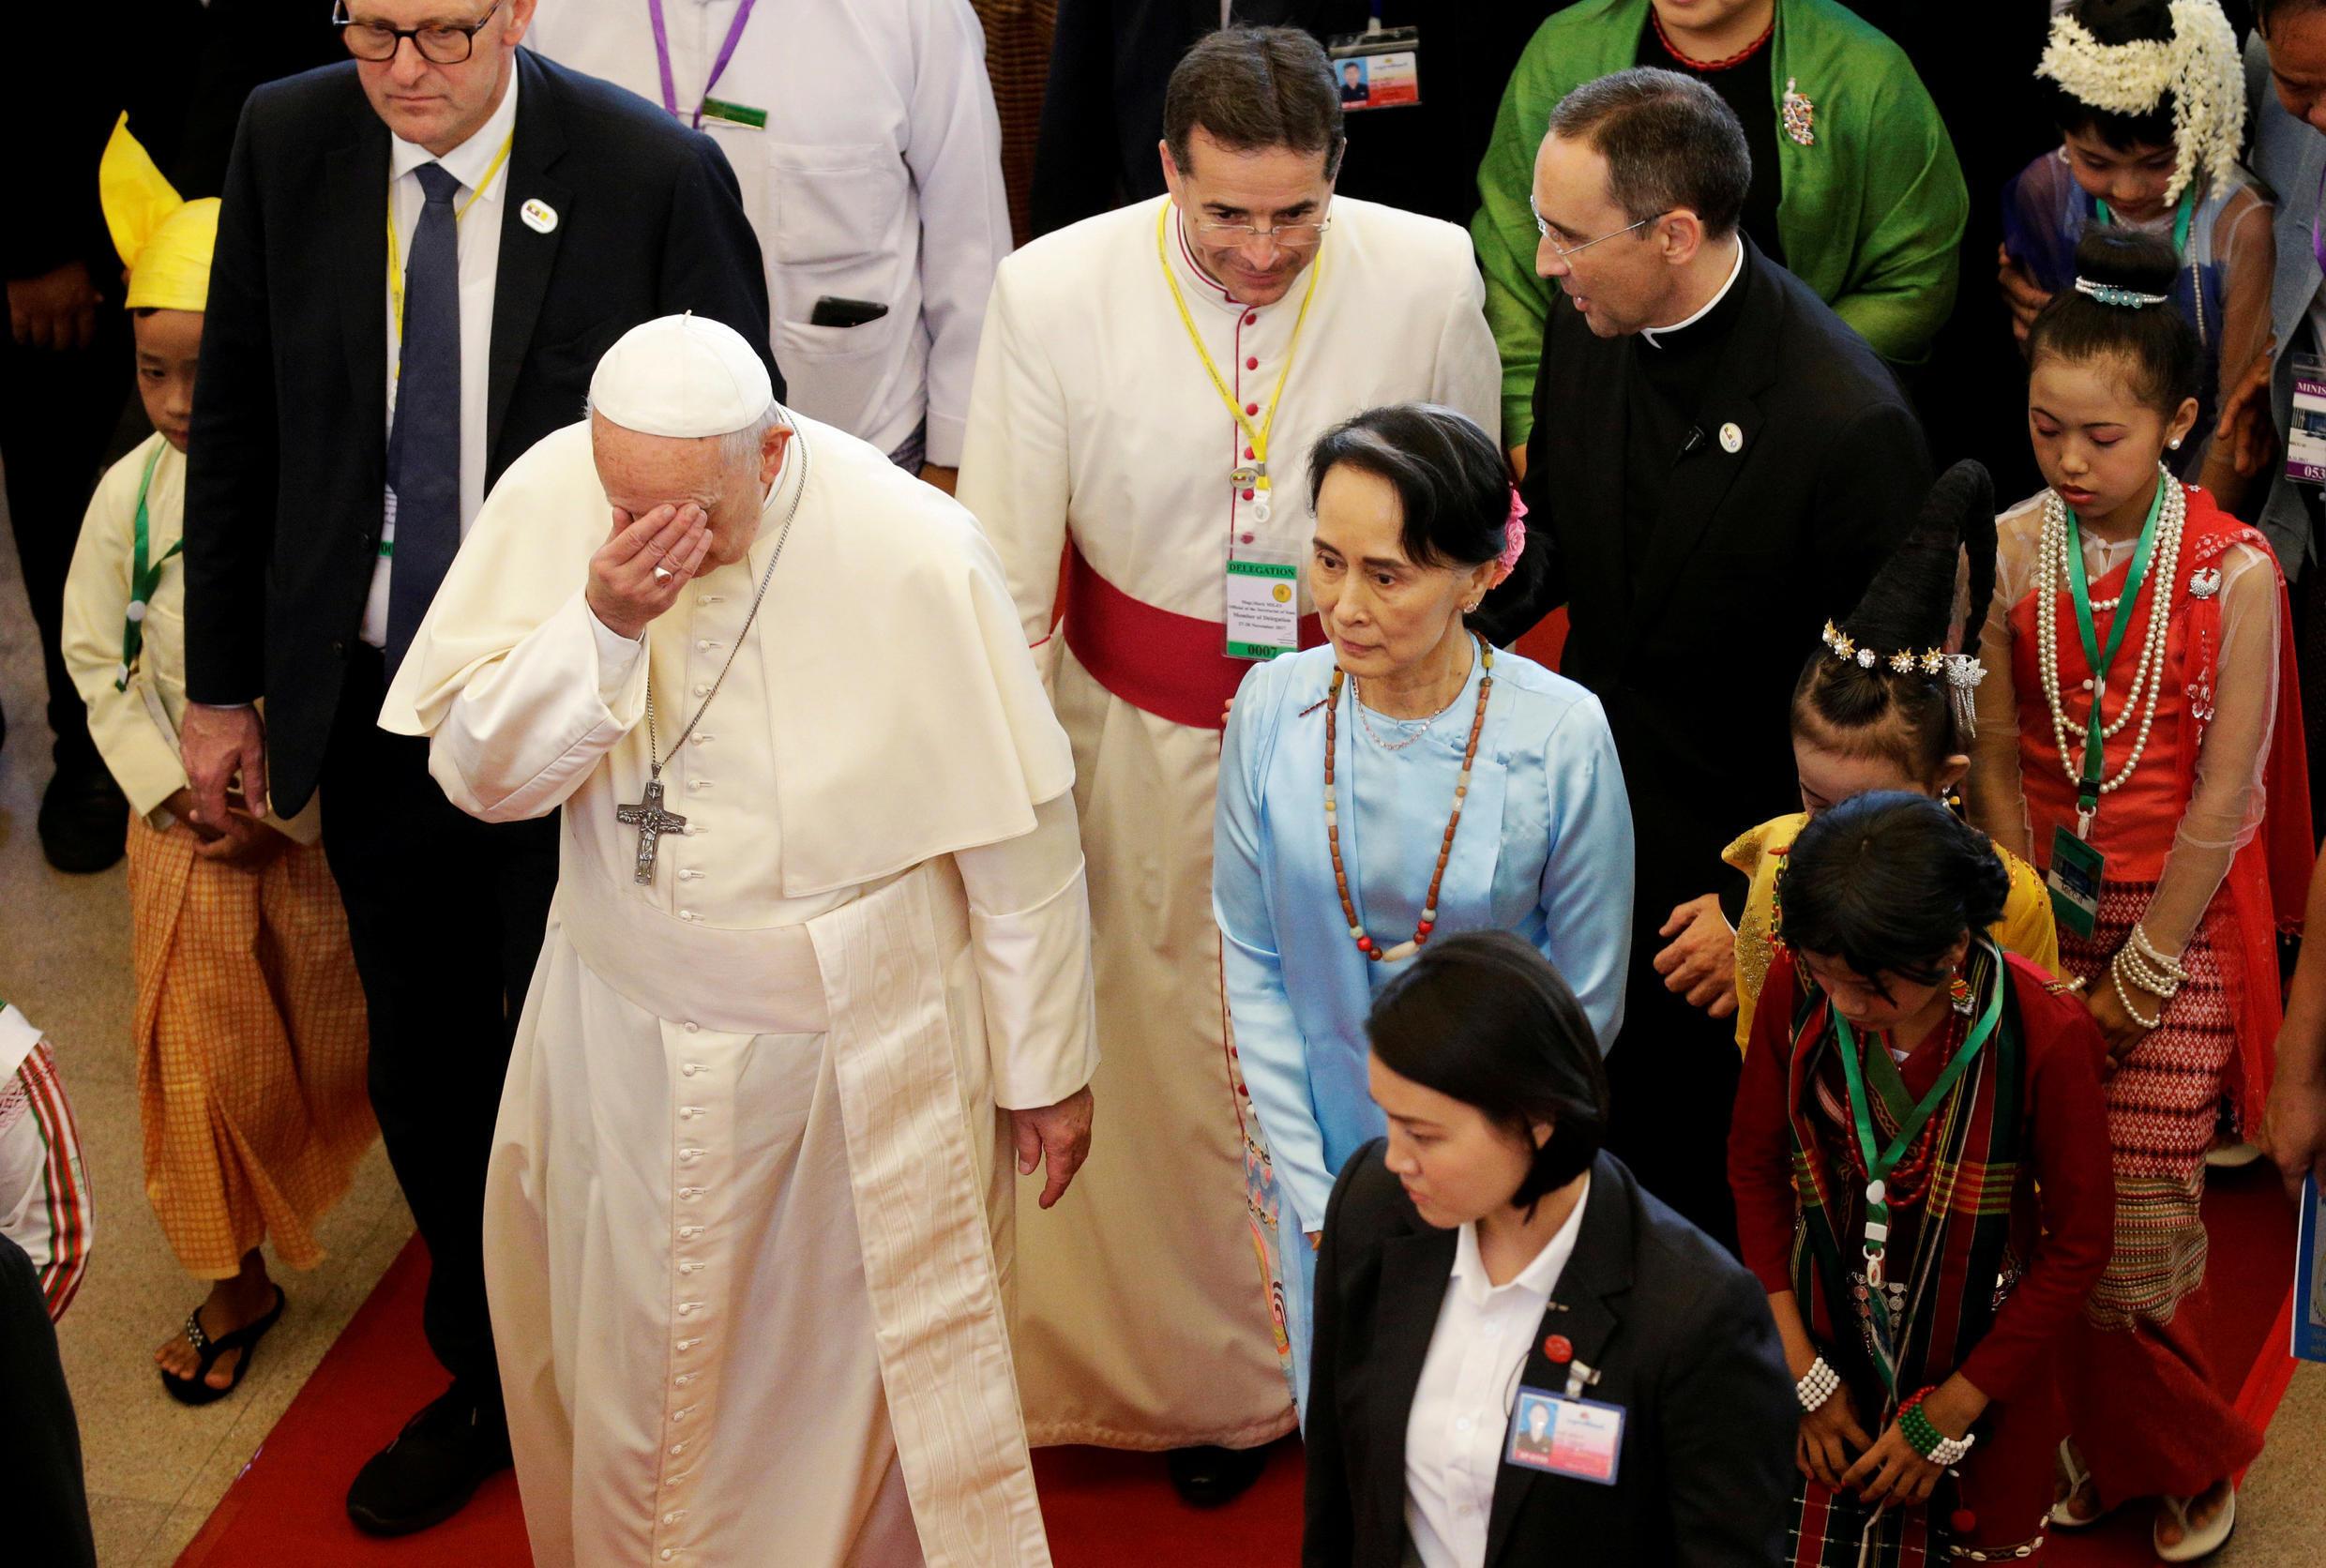 پاپ فرانسیس در کنار آنگ سان سوچی